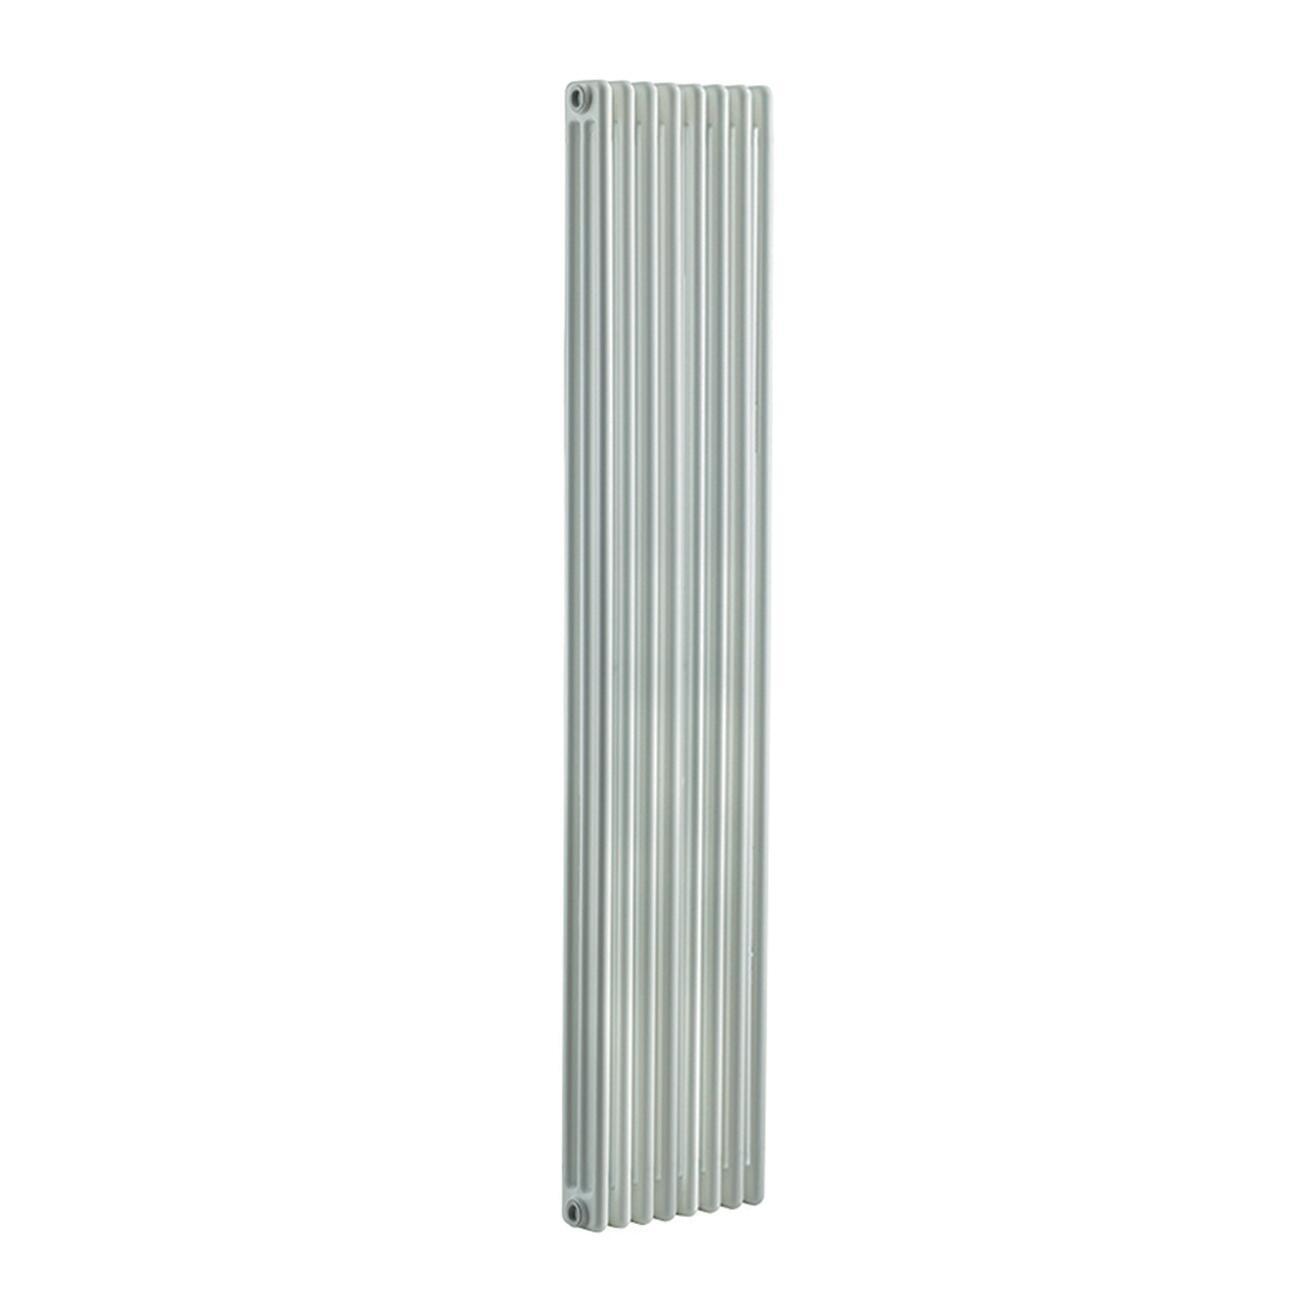 Radiatore acqua calda Tubolare in acciaio 8 elementi interasse 193.5 cm - 2